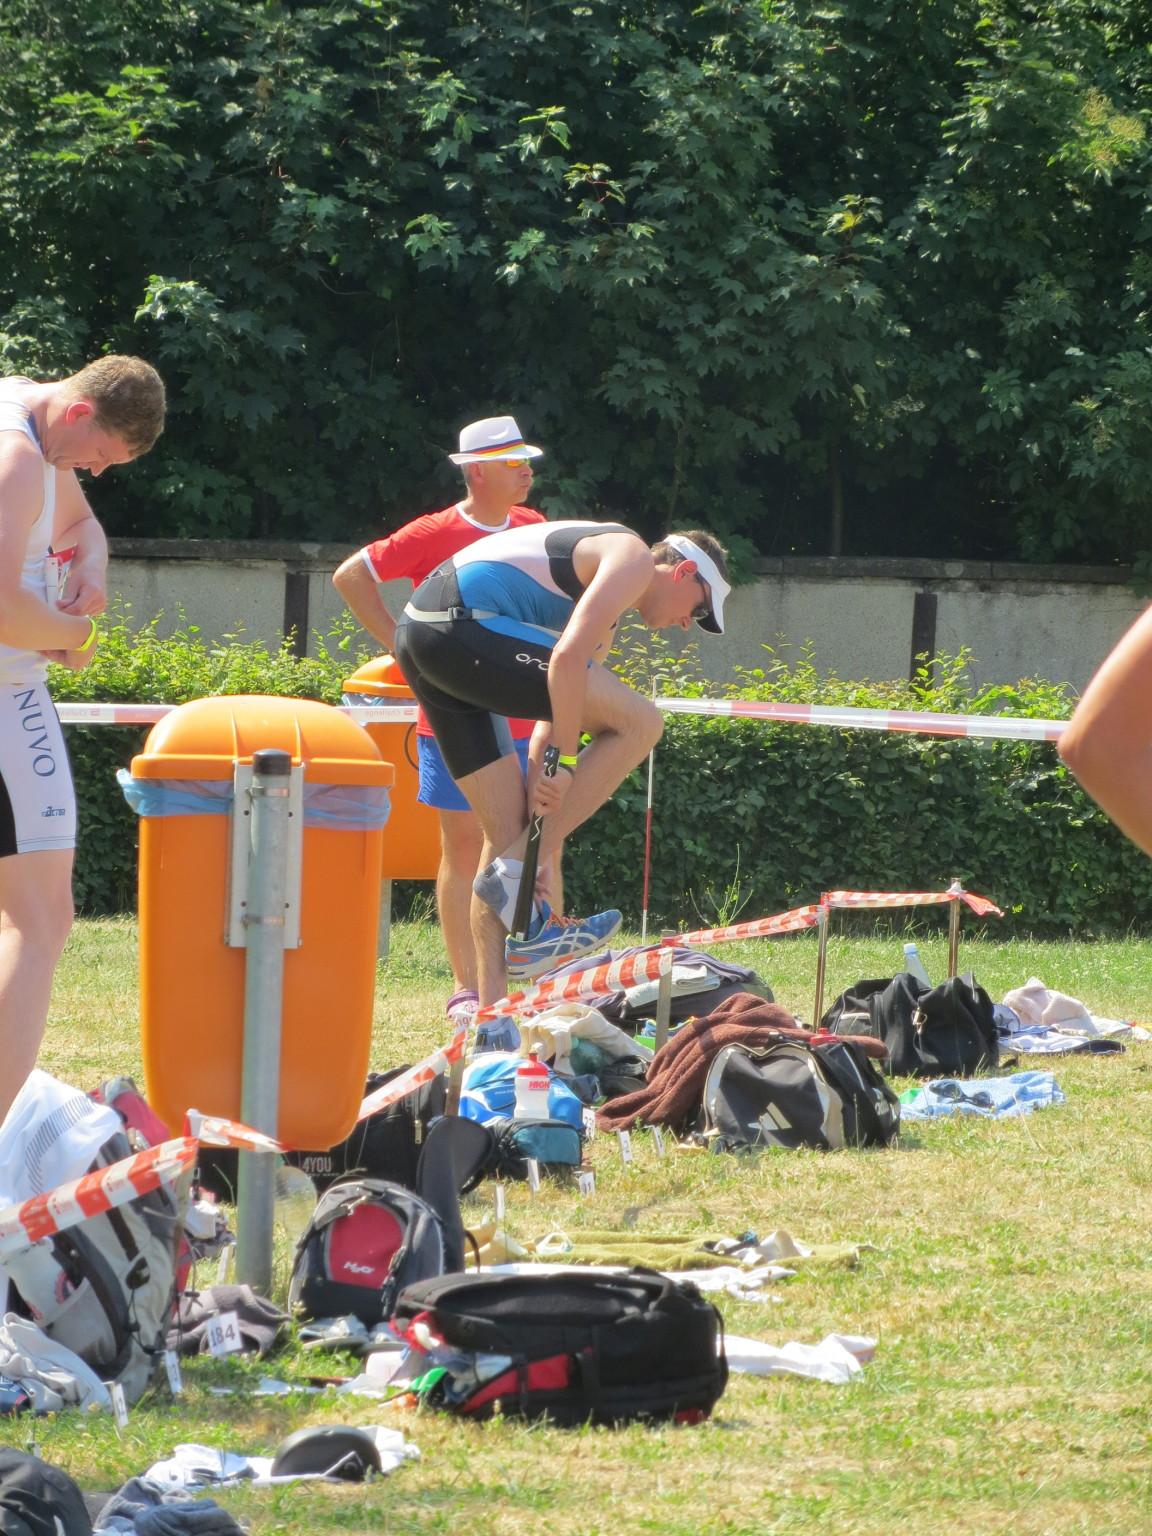 Freibad Taucha swim and run taucha im und am parthebad bei 37 c im schatten sc